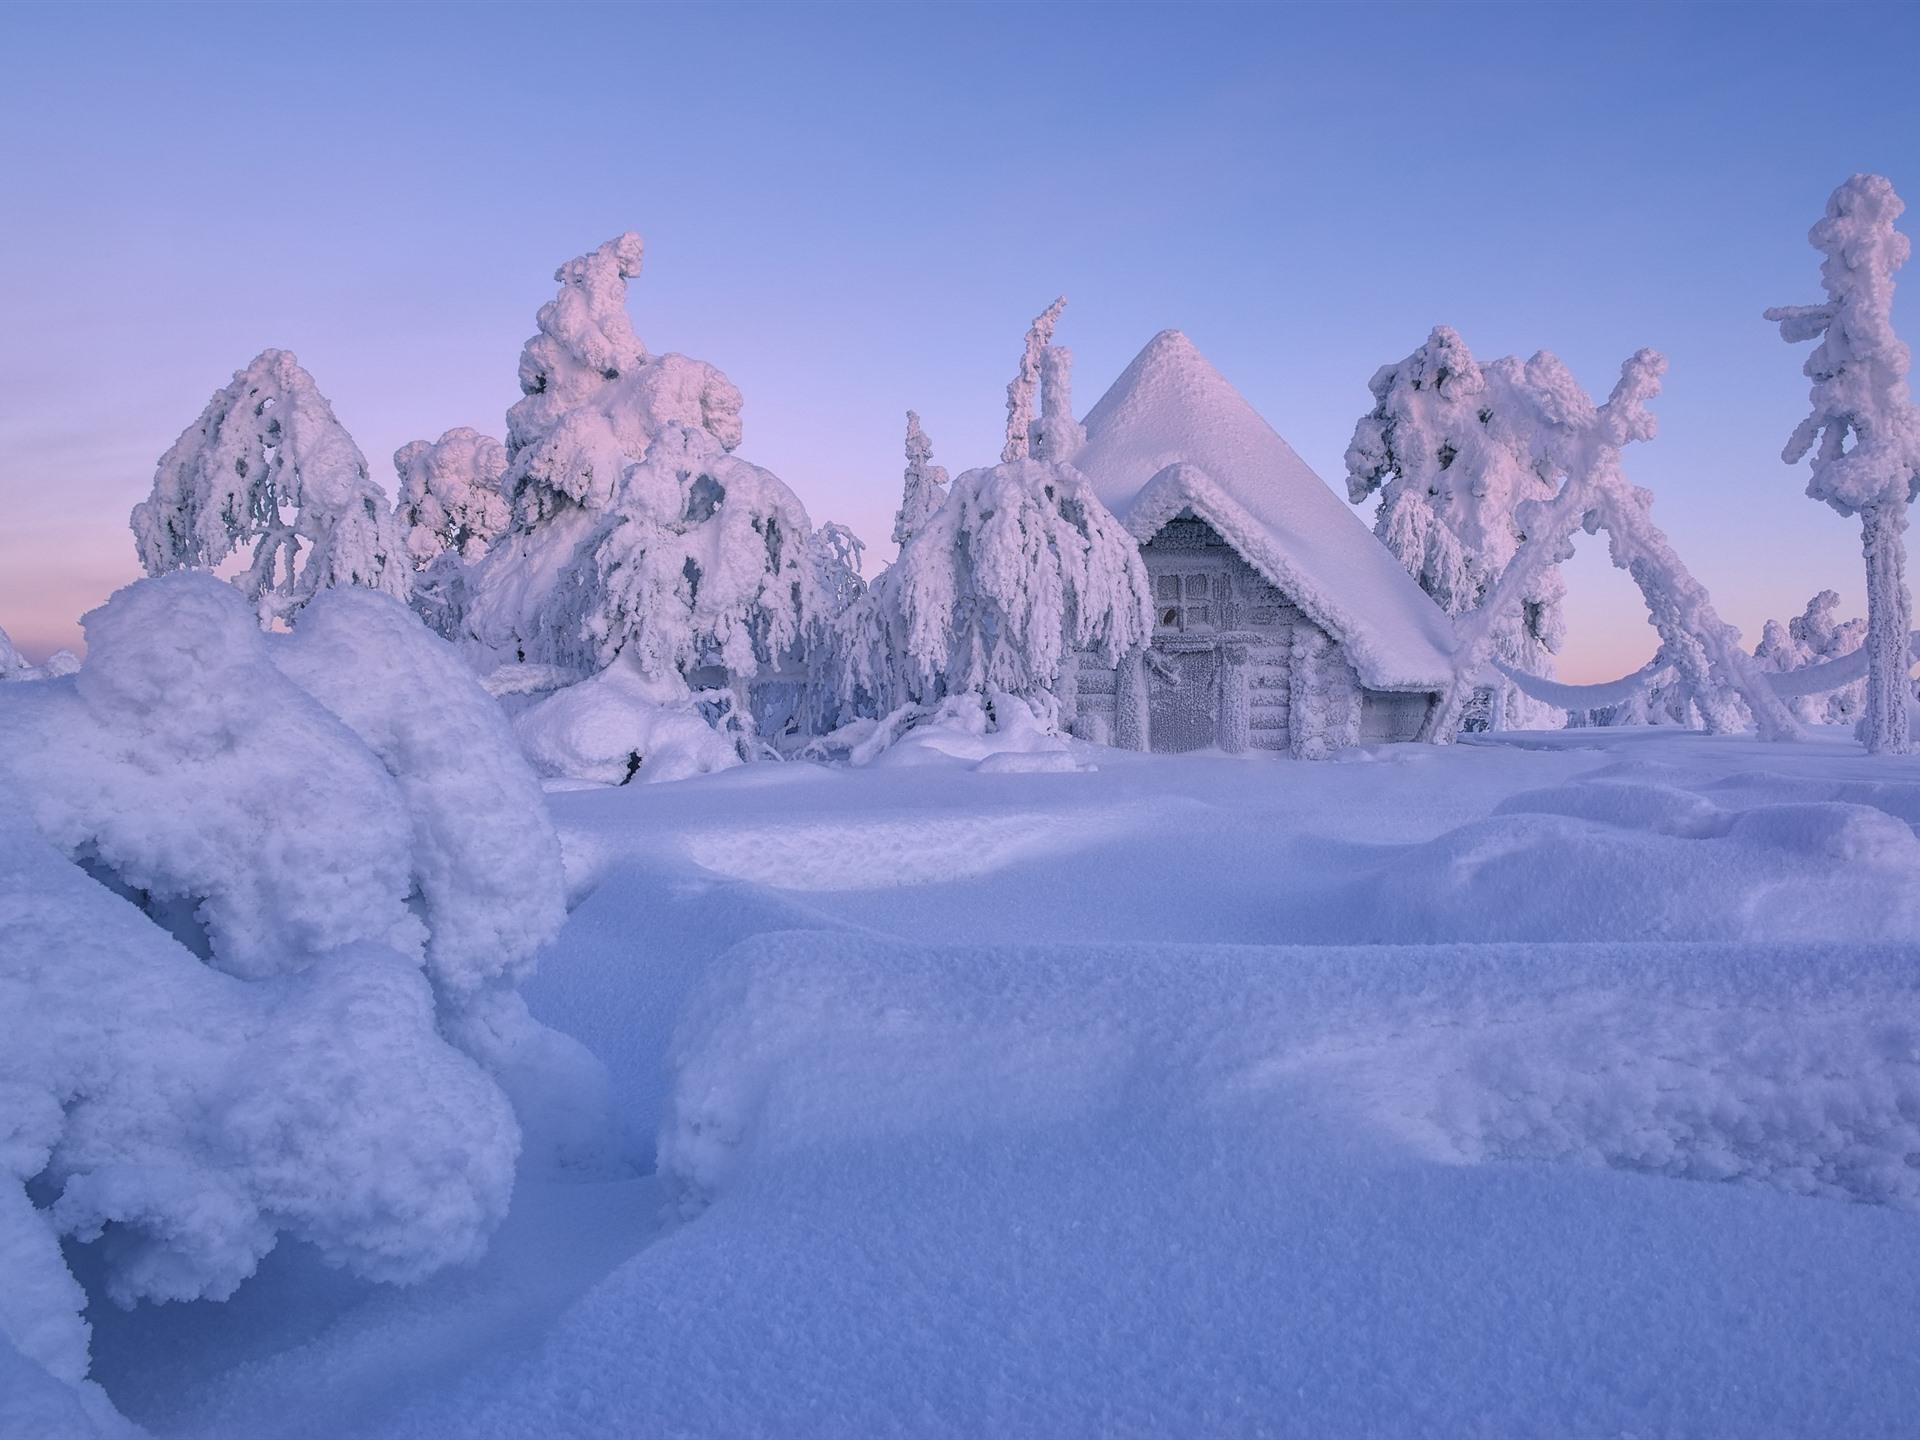 壁紙 フィンランド ラップランド 冬 厚い雪 木 家 2560x1600 Hd 無料のデスクトップの背景 画像